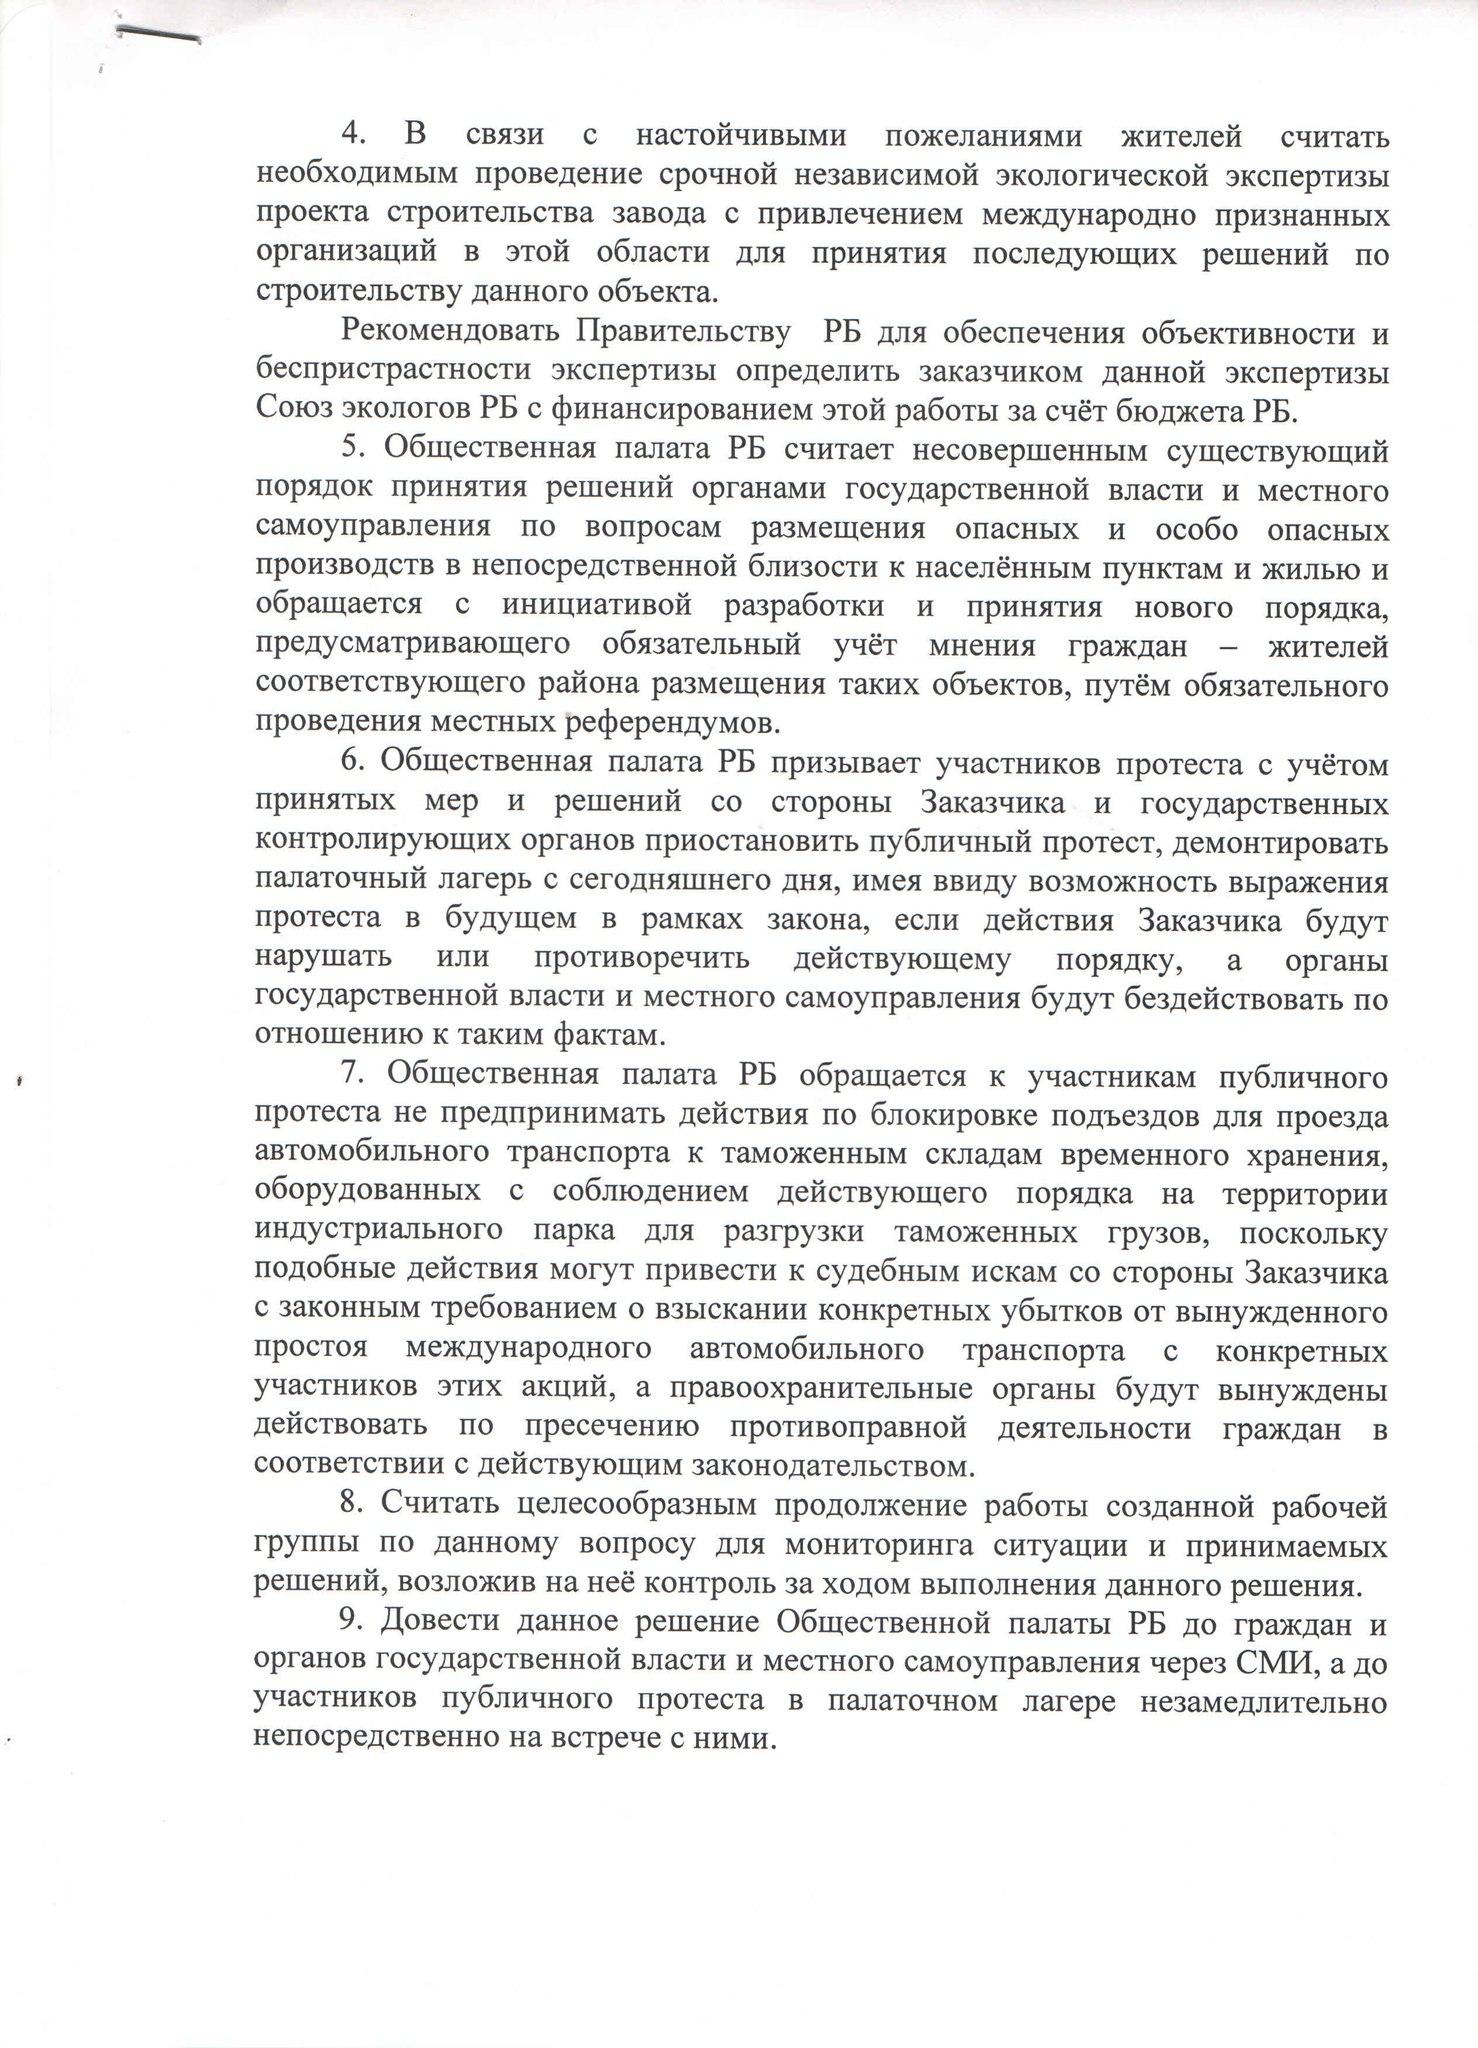 Рекомендации ОП по Кроношпану-2